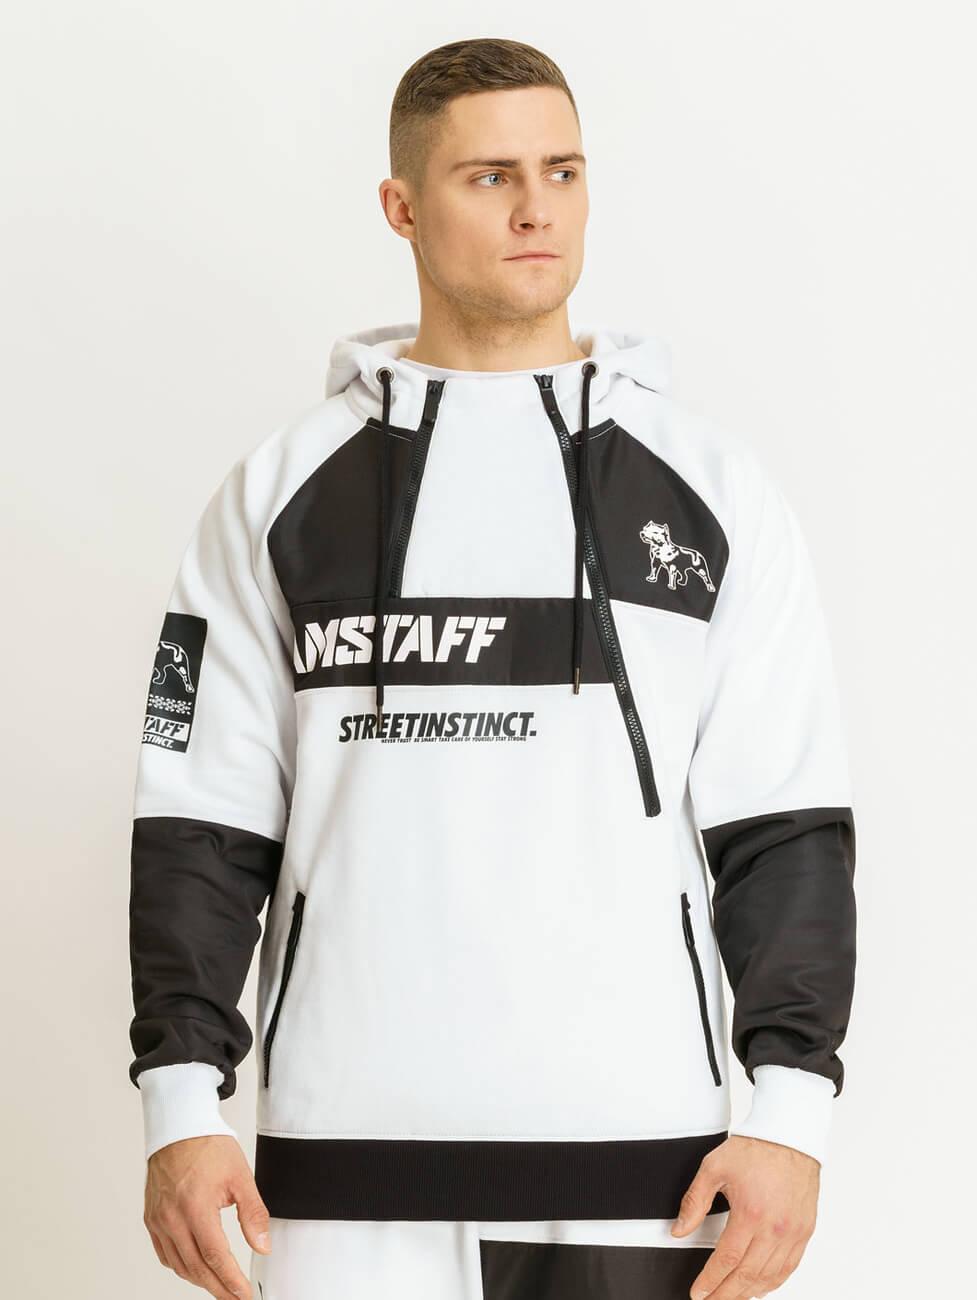 Купить черно белый спортивный костюм мужской оптом и в розницу с доставкой в Россию